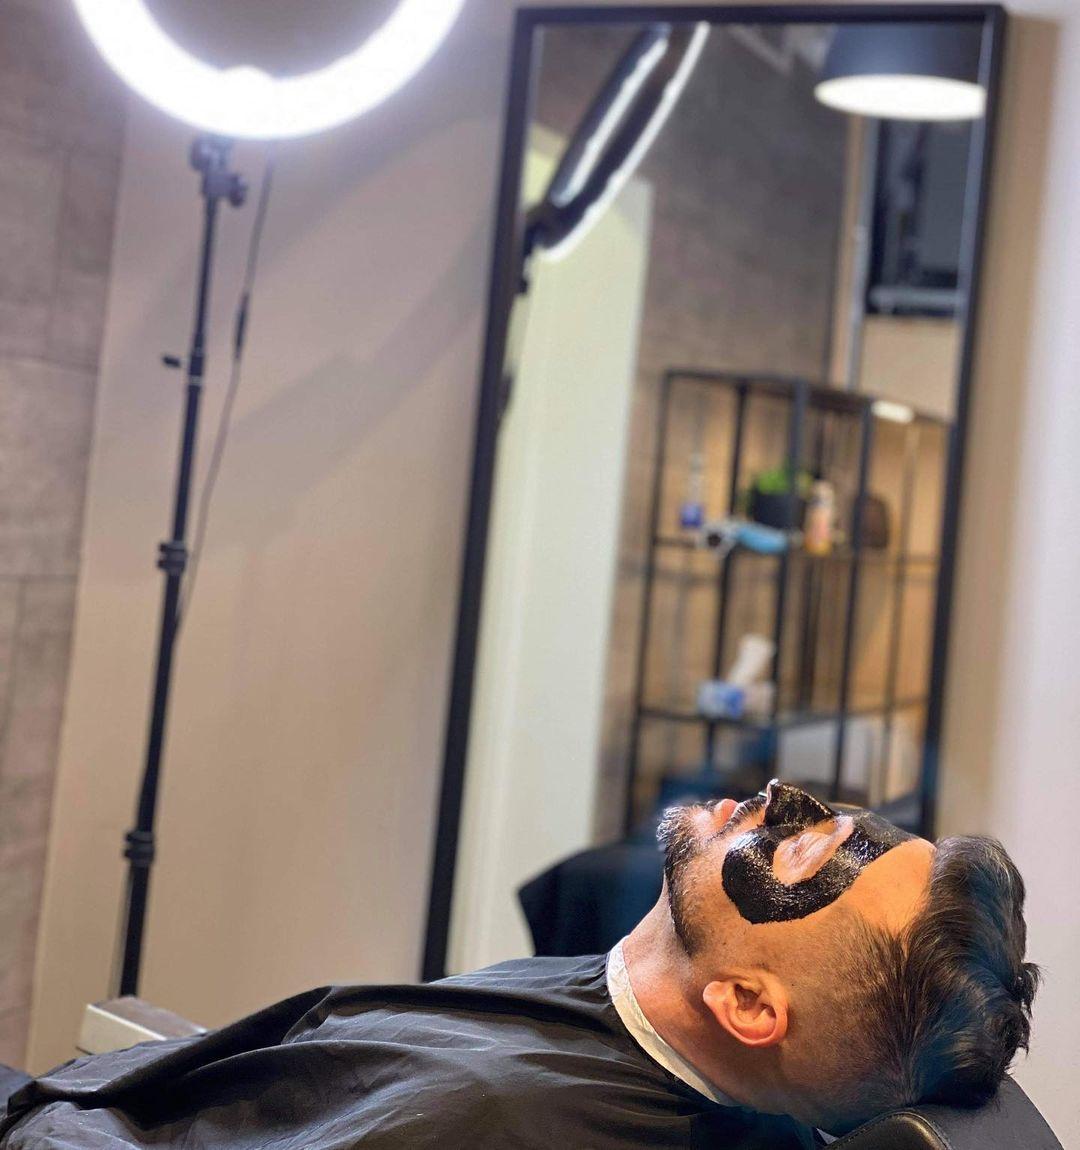 BChop Barber